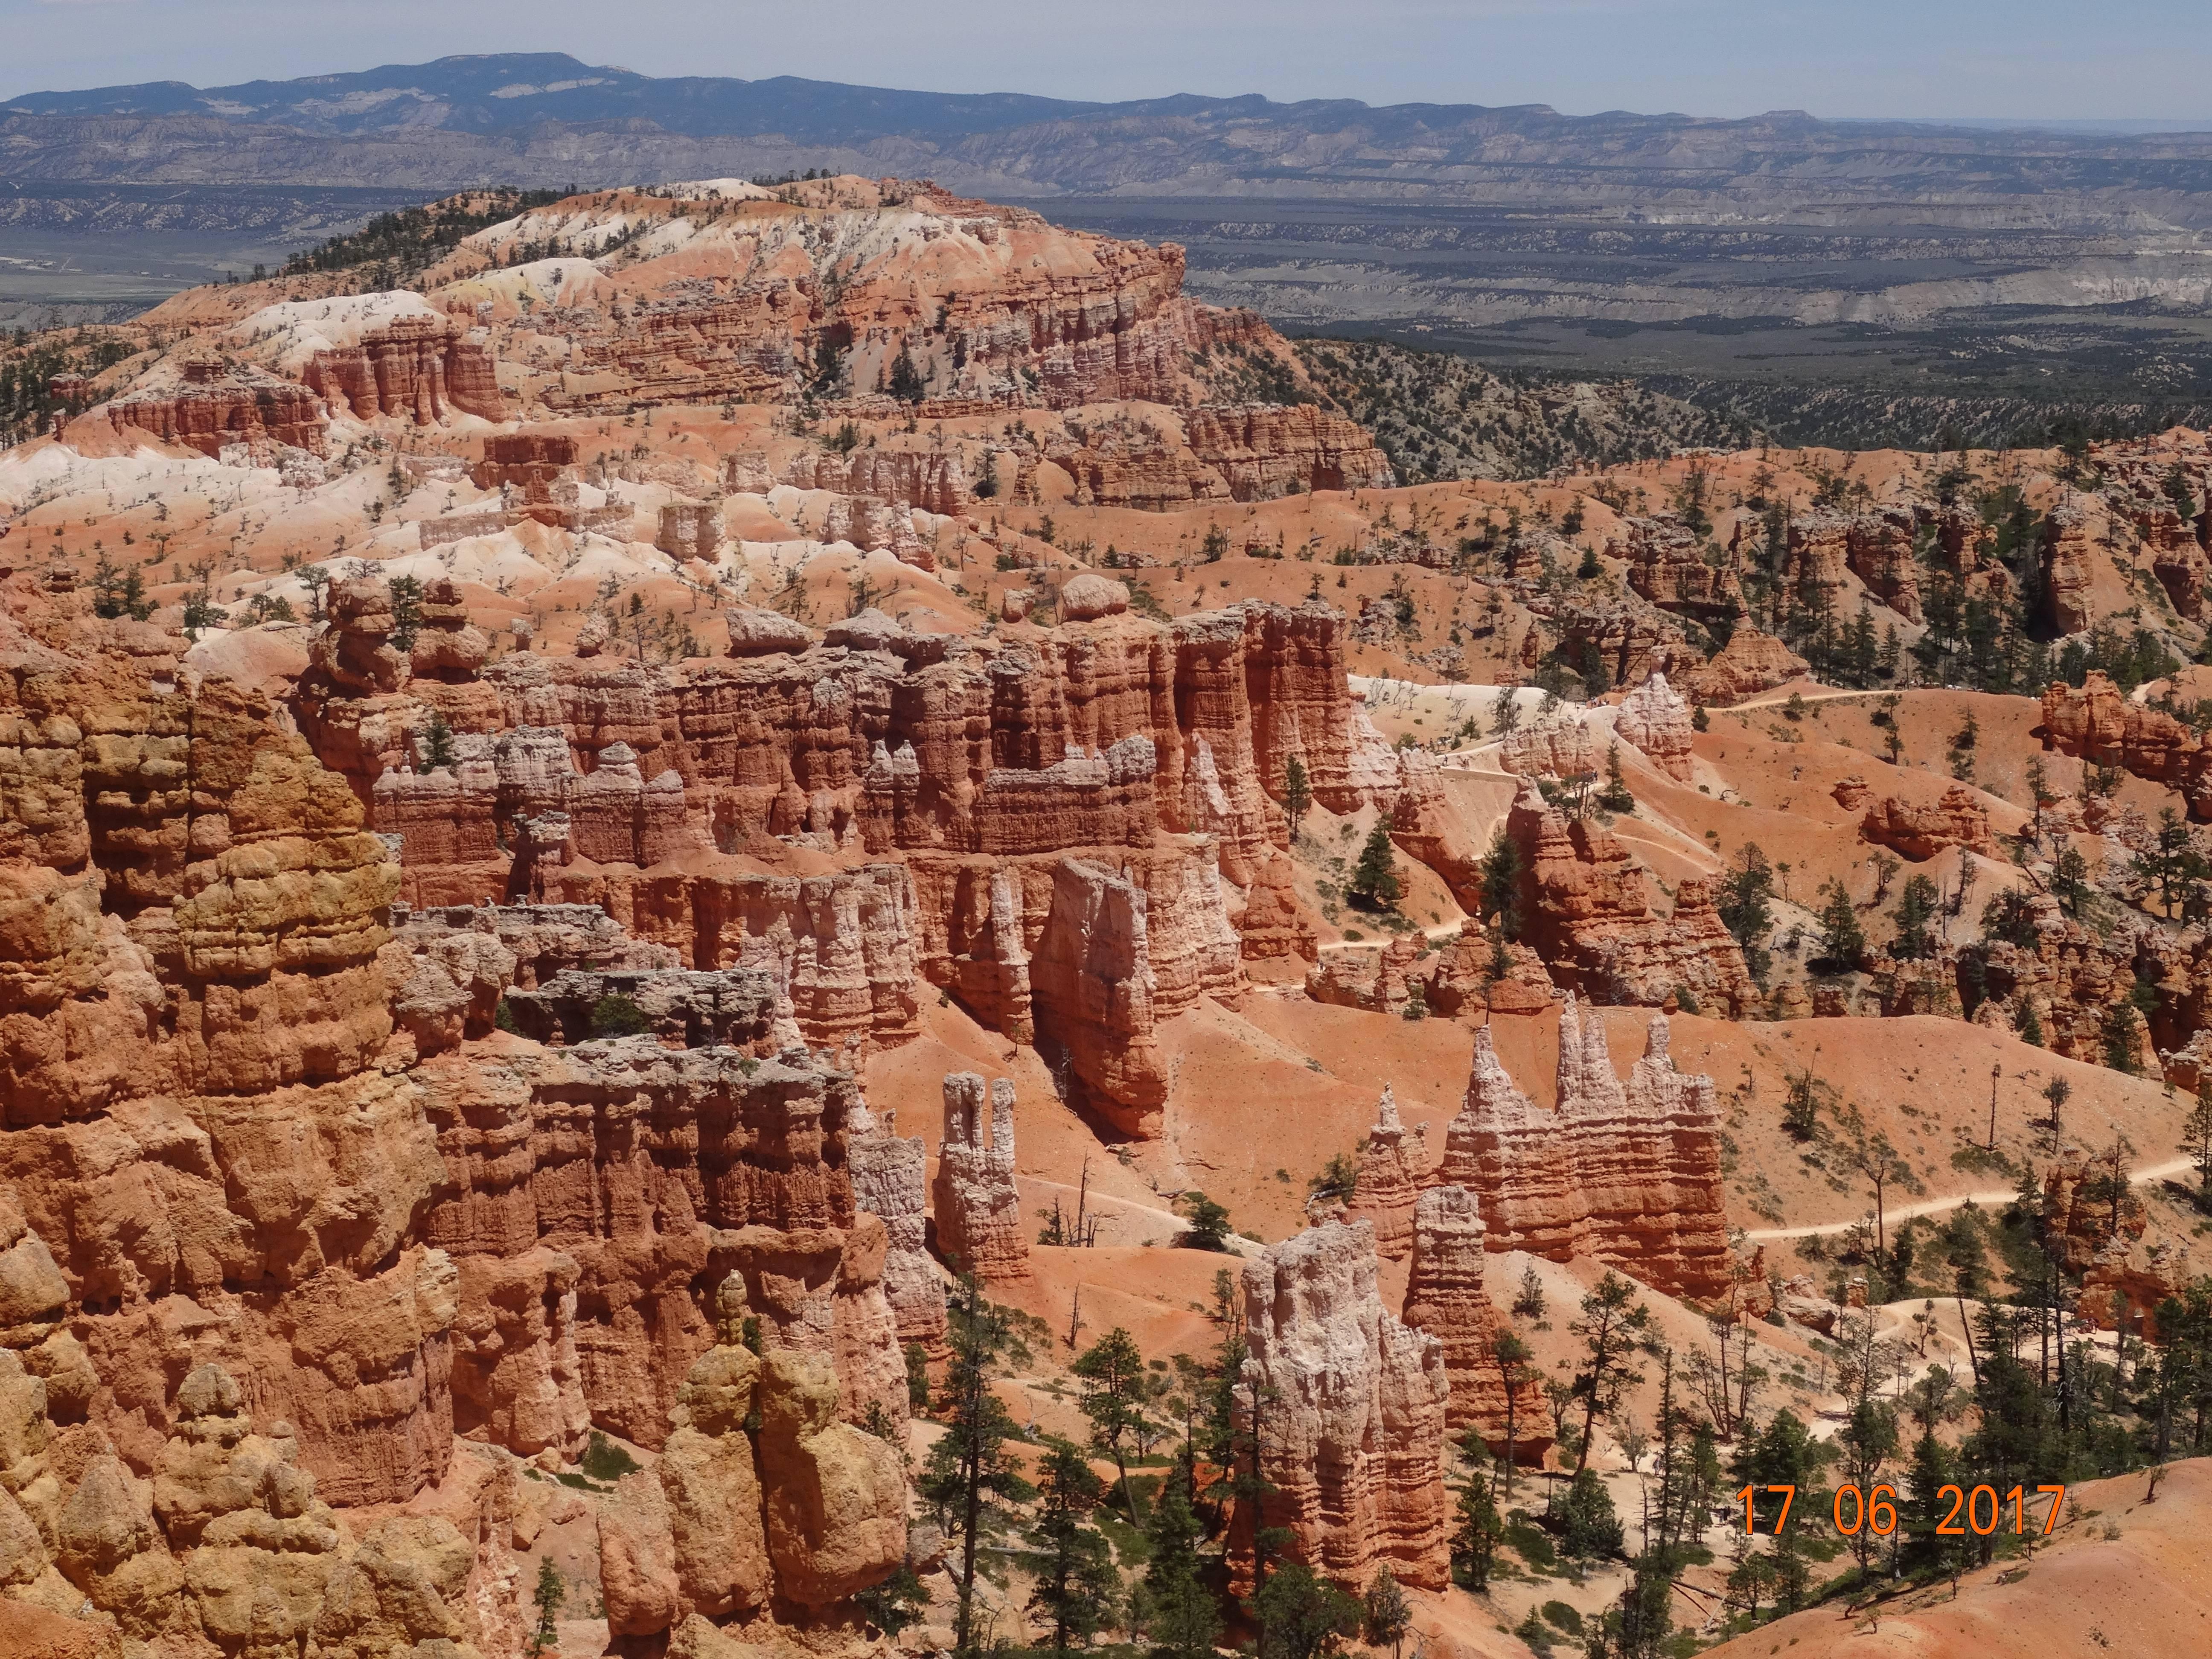 Photo 1: Bryce Canyon, encore une merveille de la nature